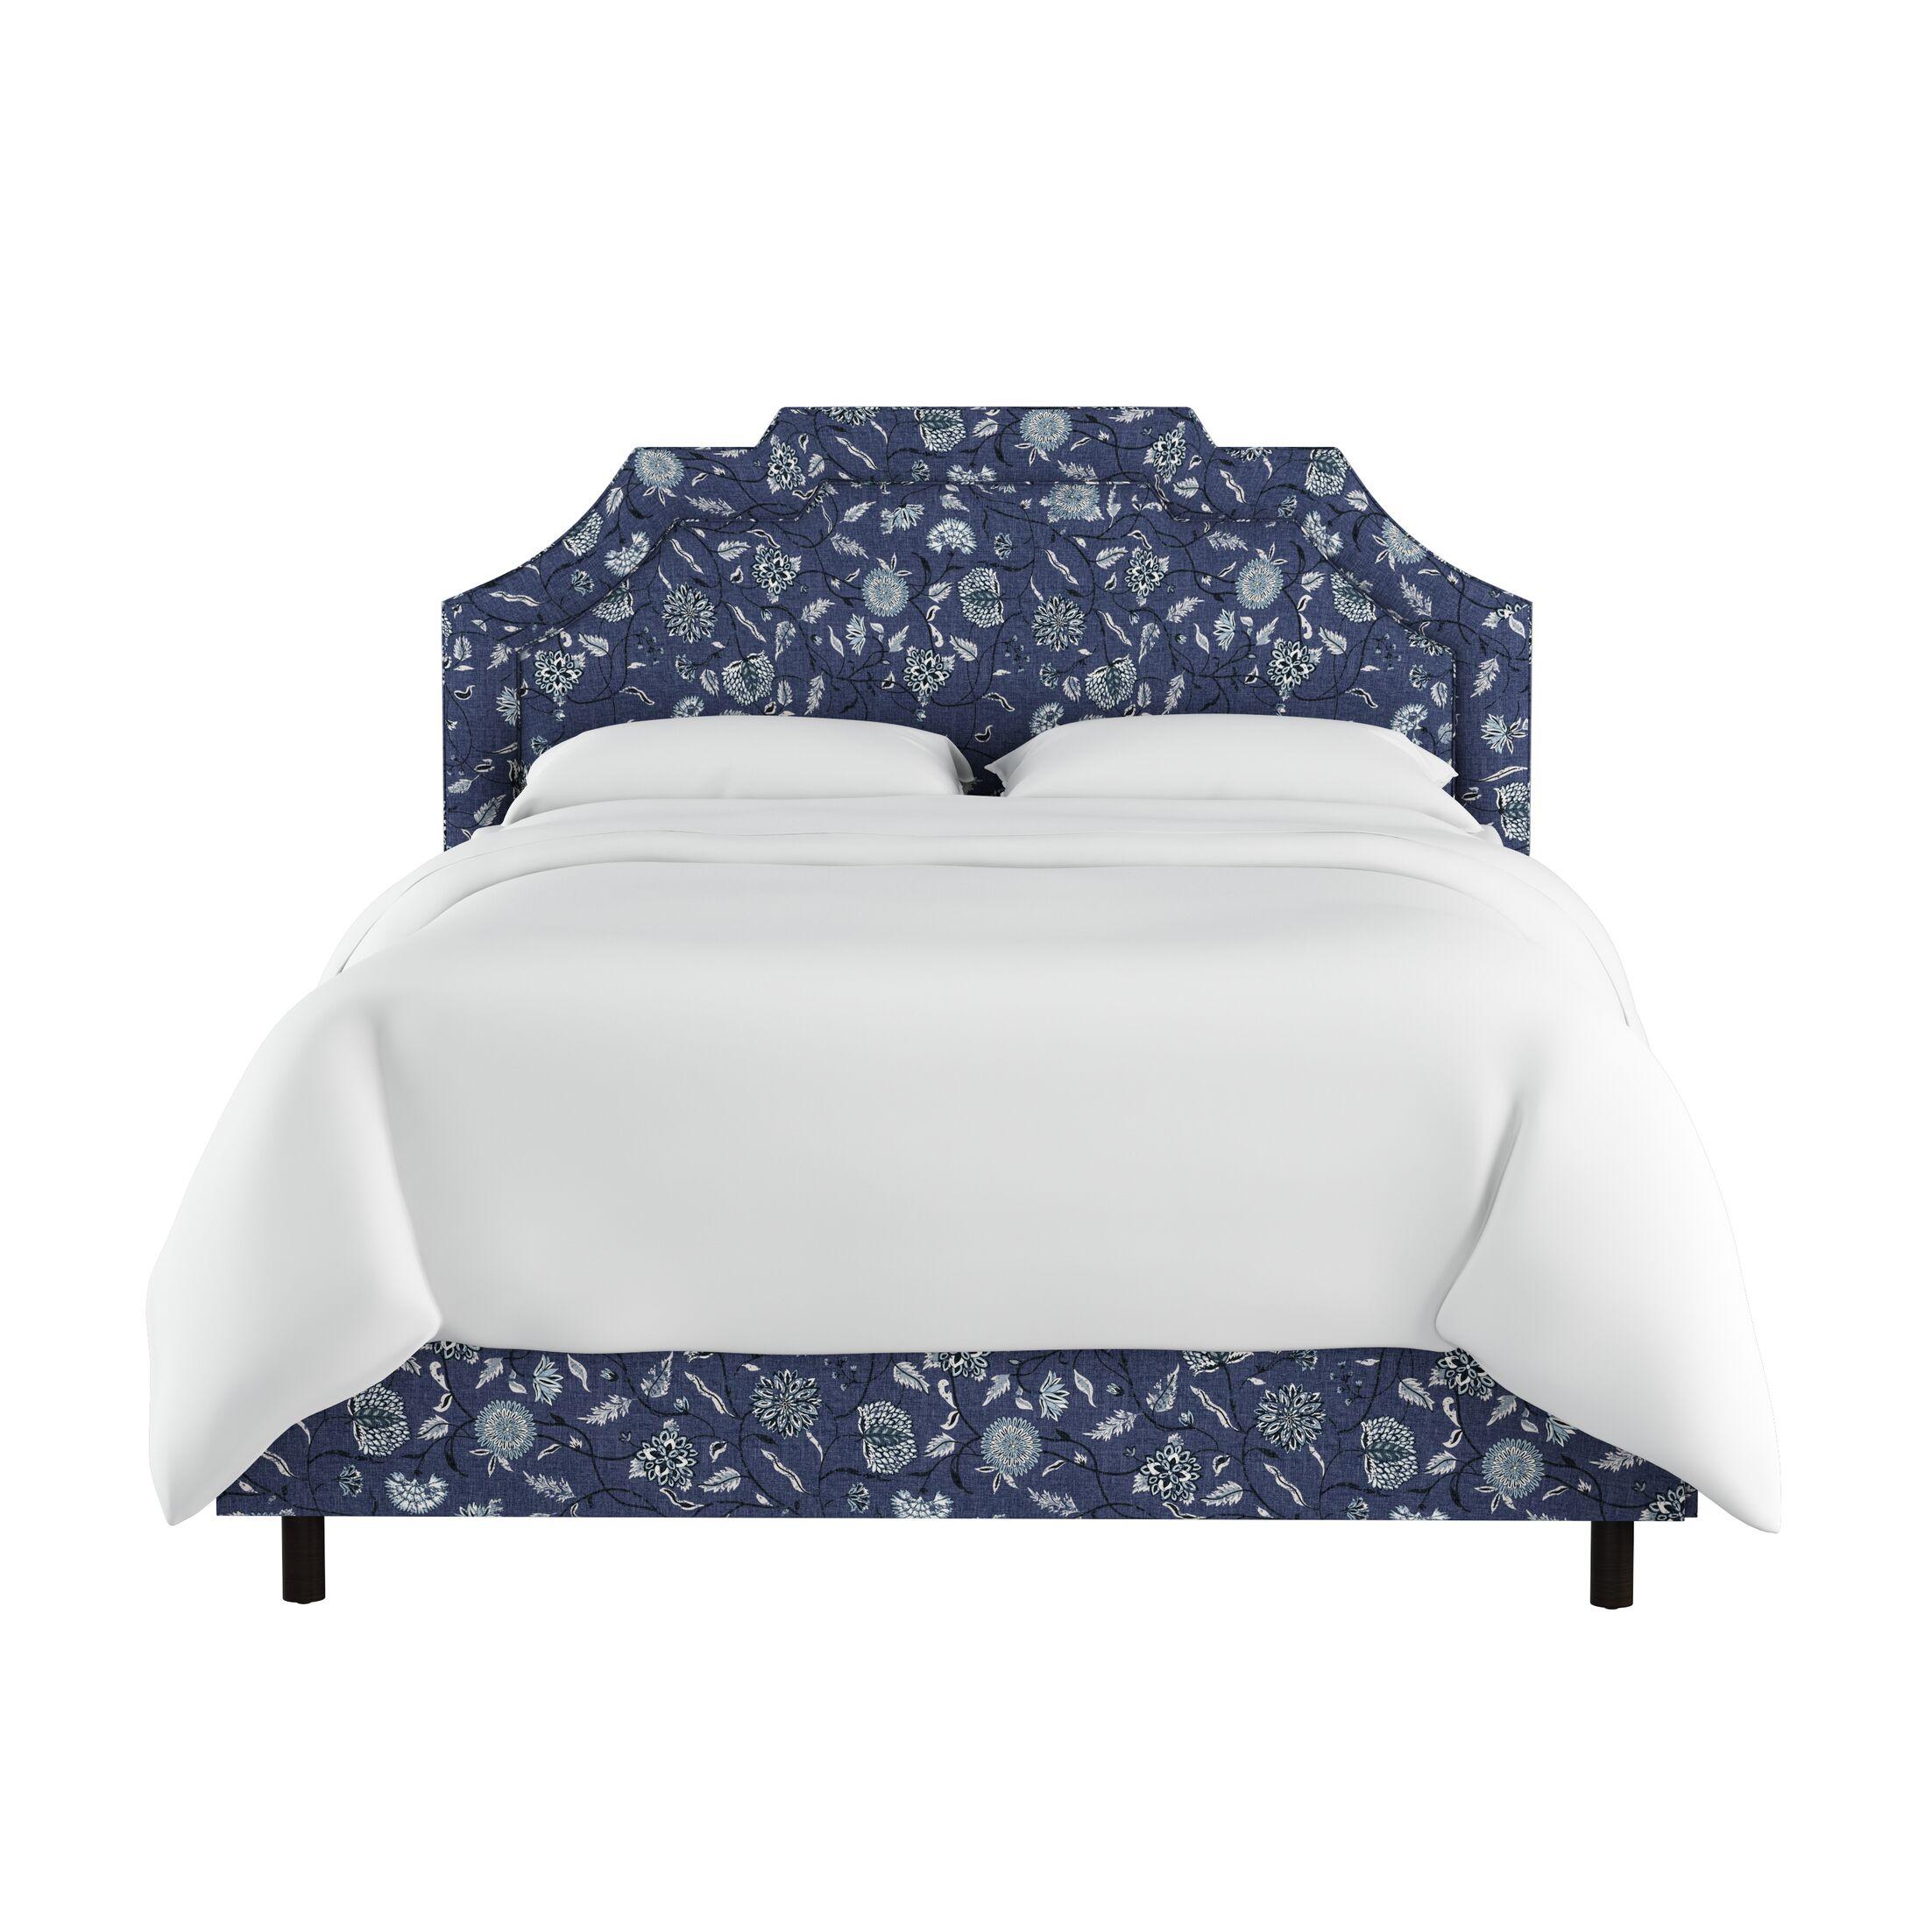 Edmondson Linen Upholstered Panel Bed Size: King, Color: Blue